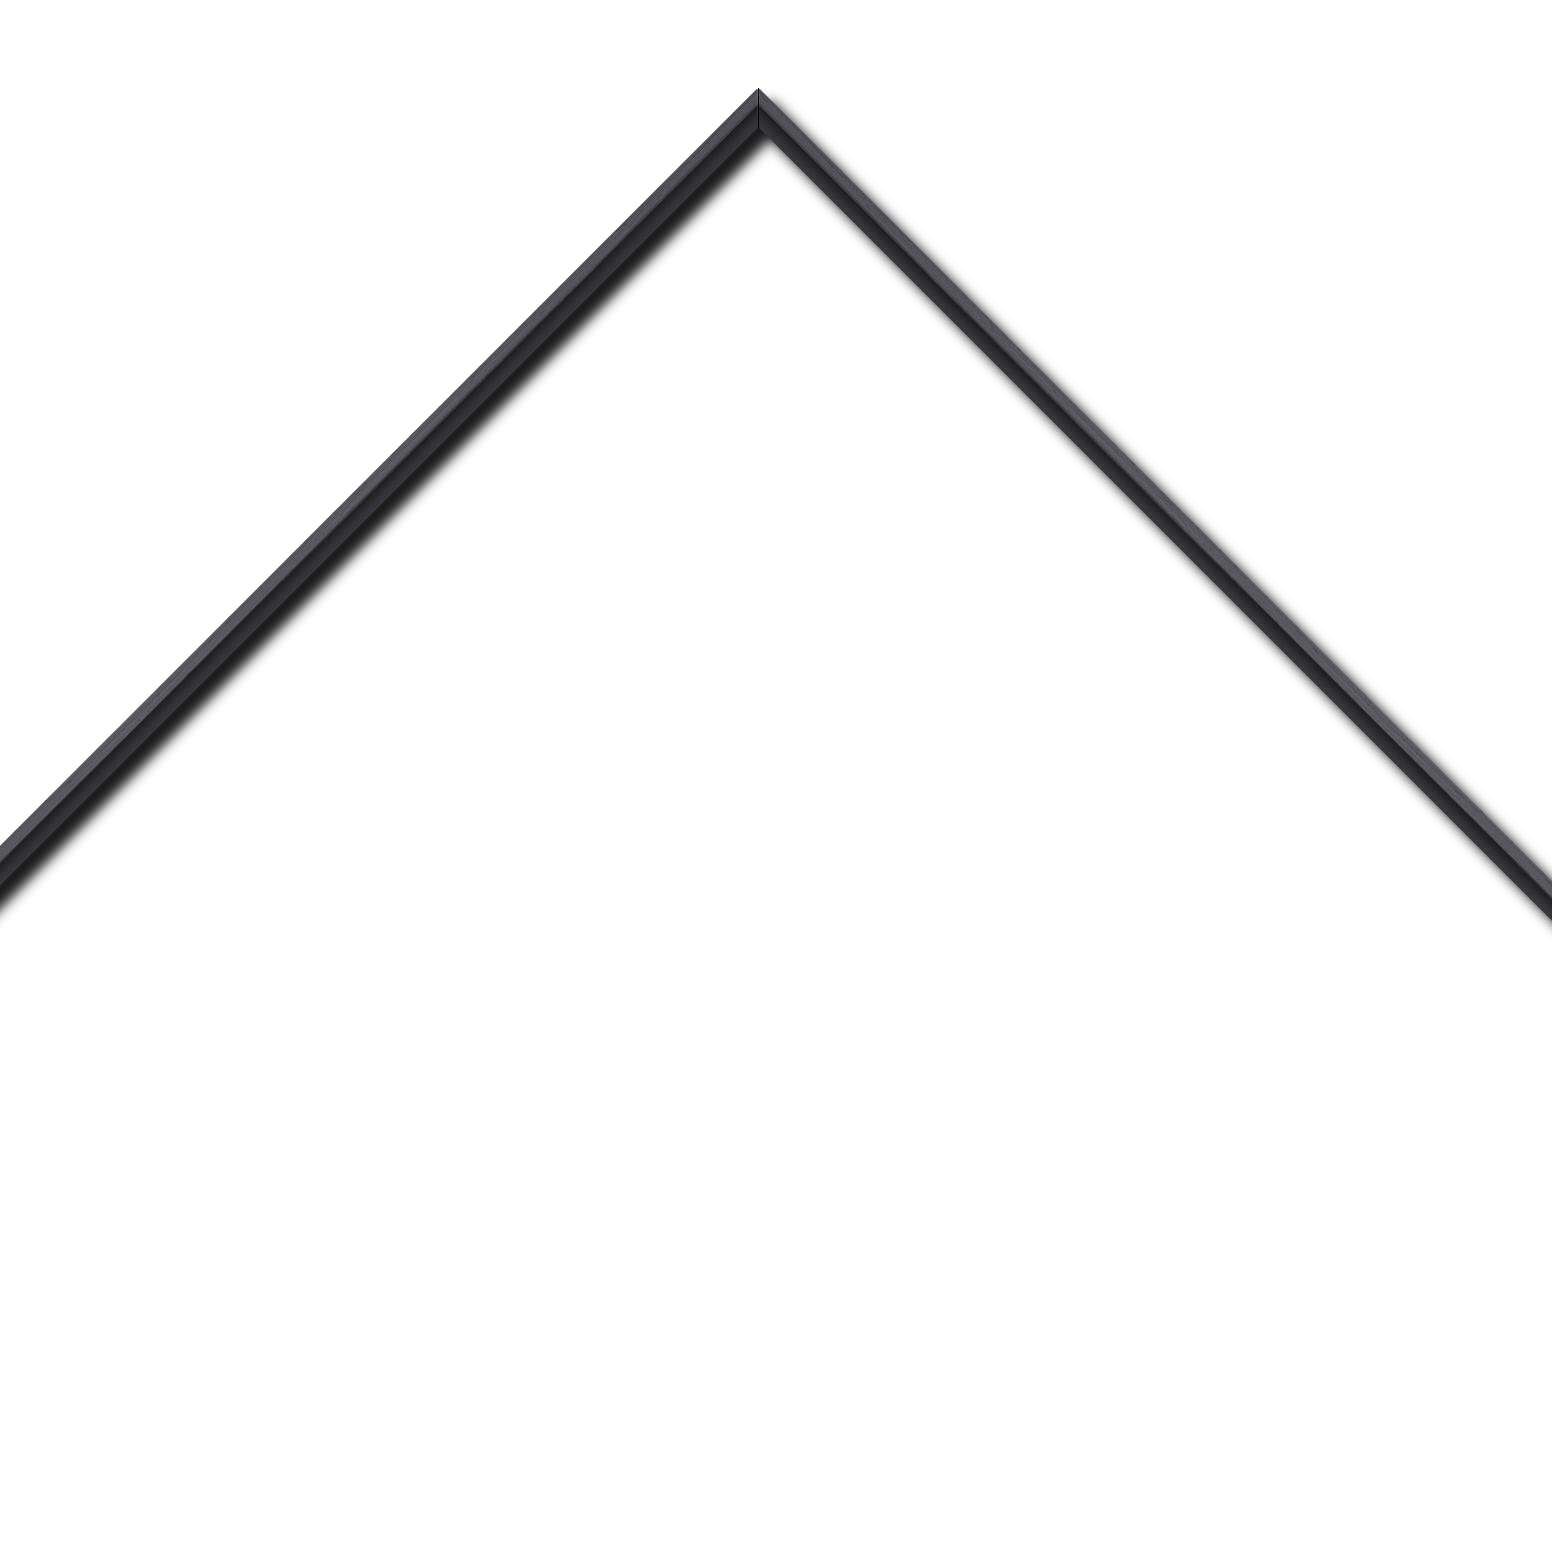 Baguette aluminium profil plat largeur 8mm, placage véritable chêne teinté noir  ,(le sujet qui sera glissé dans le cadre sera en retrait de 6mm de la face du cadre assurant un effet très contemporain) mise en place du sujet rapide et simple: assemblage du cadre par double équerre à vis (livré avec le système d'accrochage qui se glisse dans le profilé) encadrement non assemblé,  livré avec son sachet d'accessoires